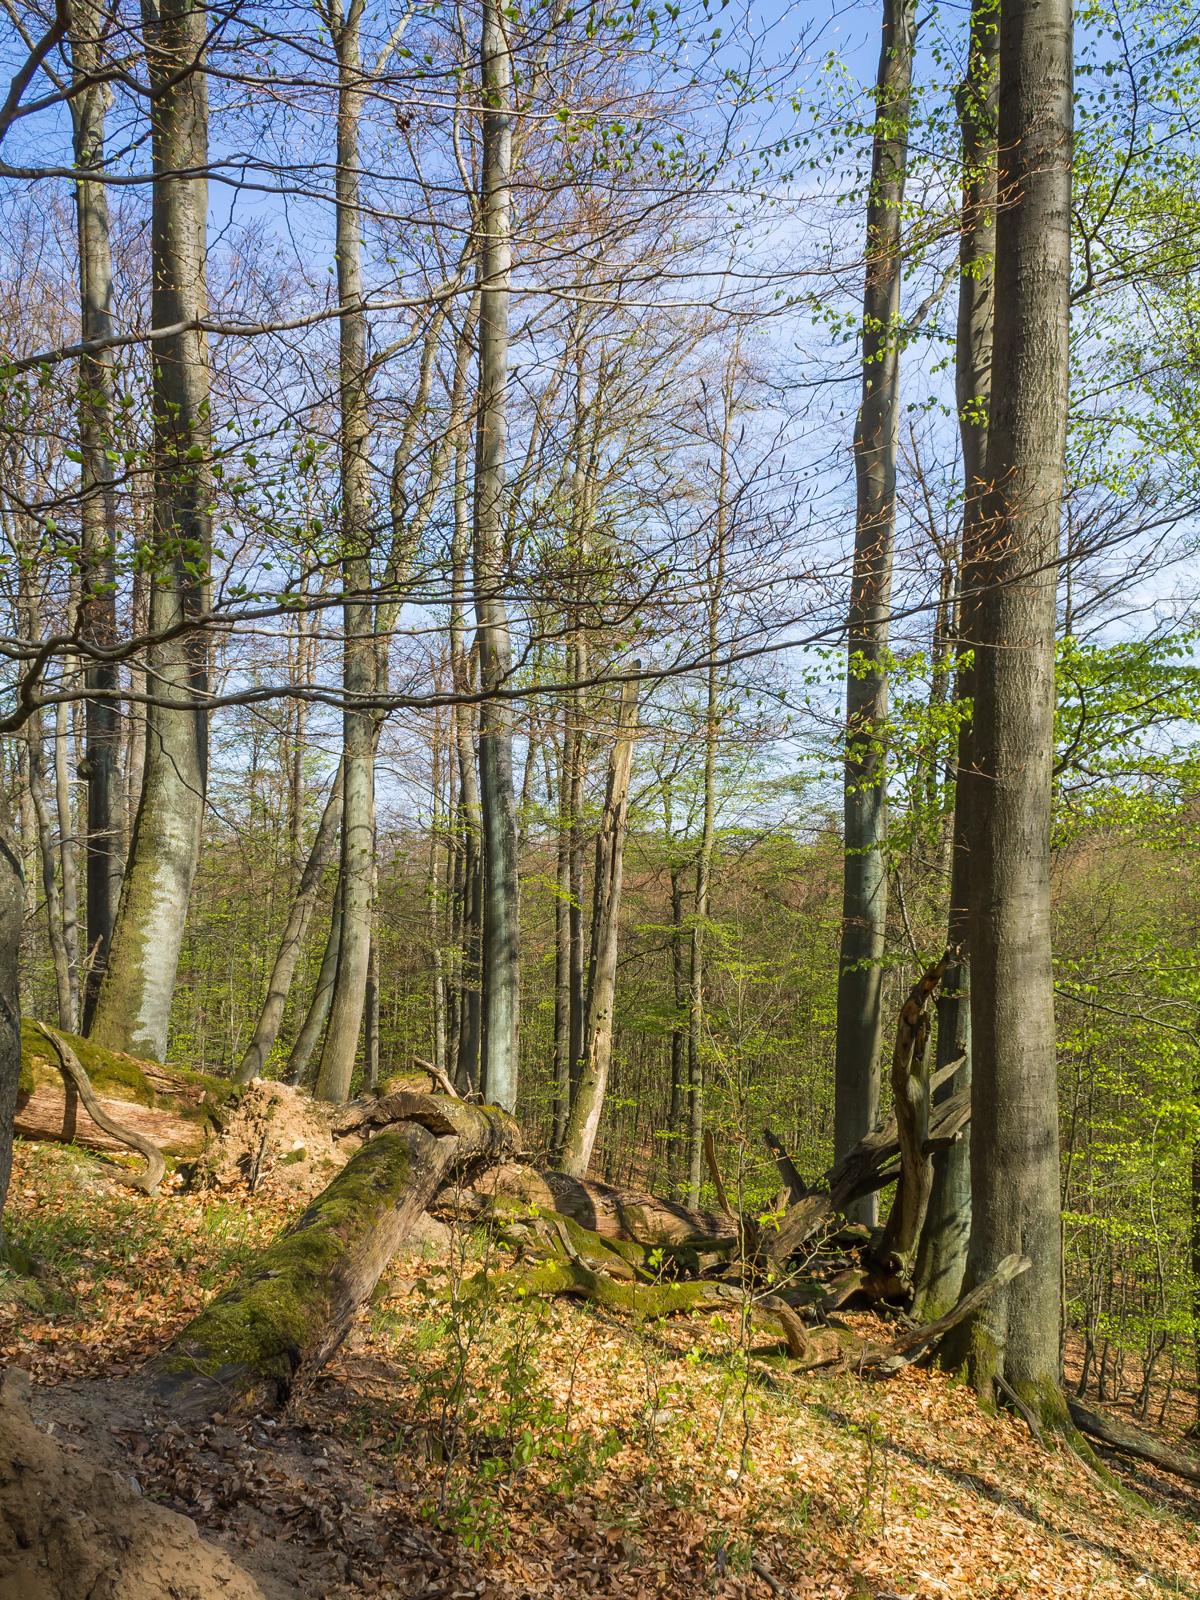 Totholz und natürliche Verjüngung im Vorder- und Hintergrund